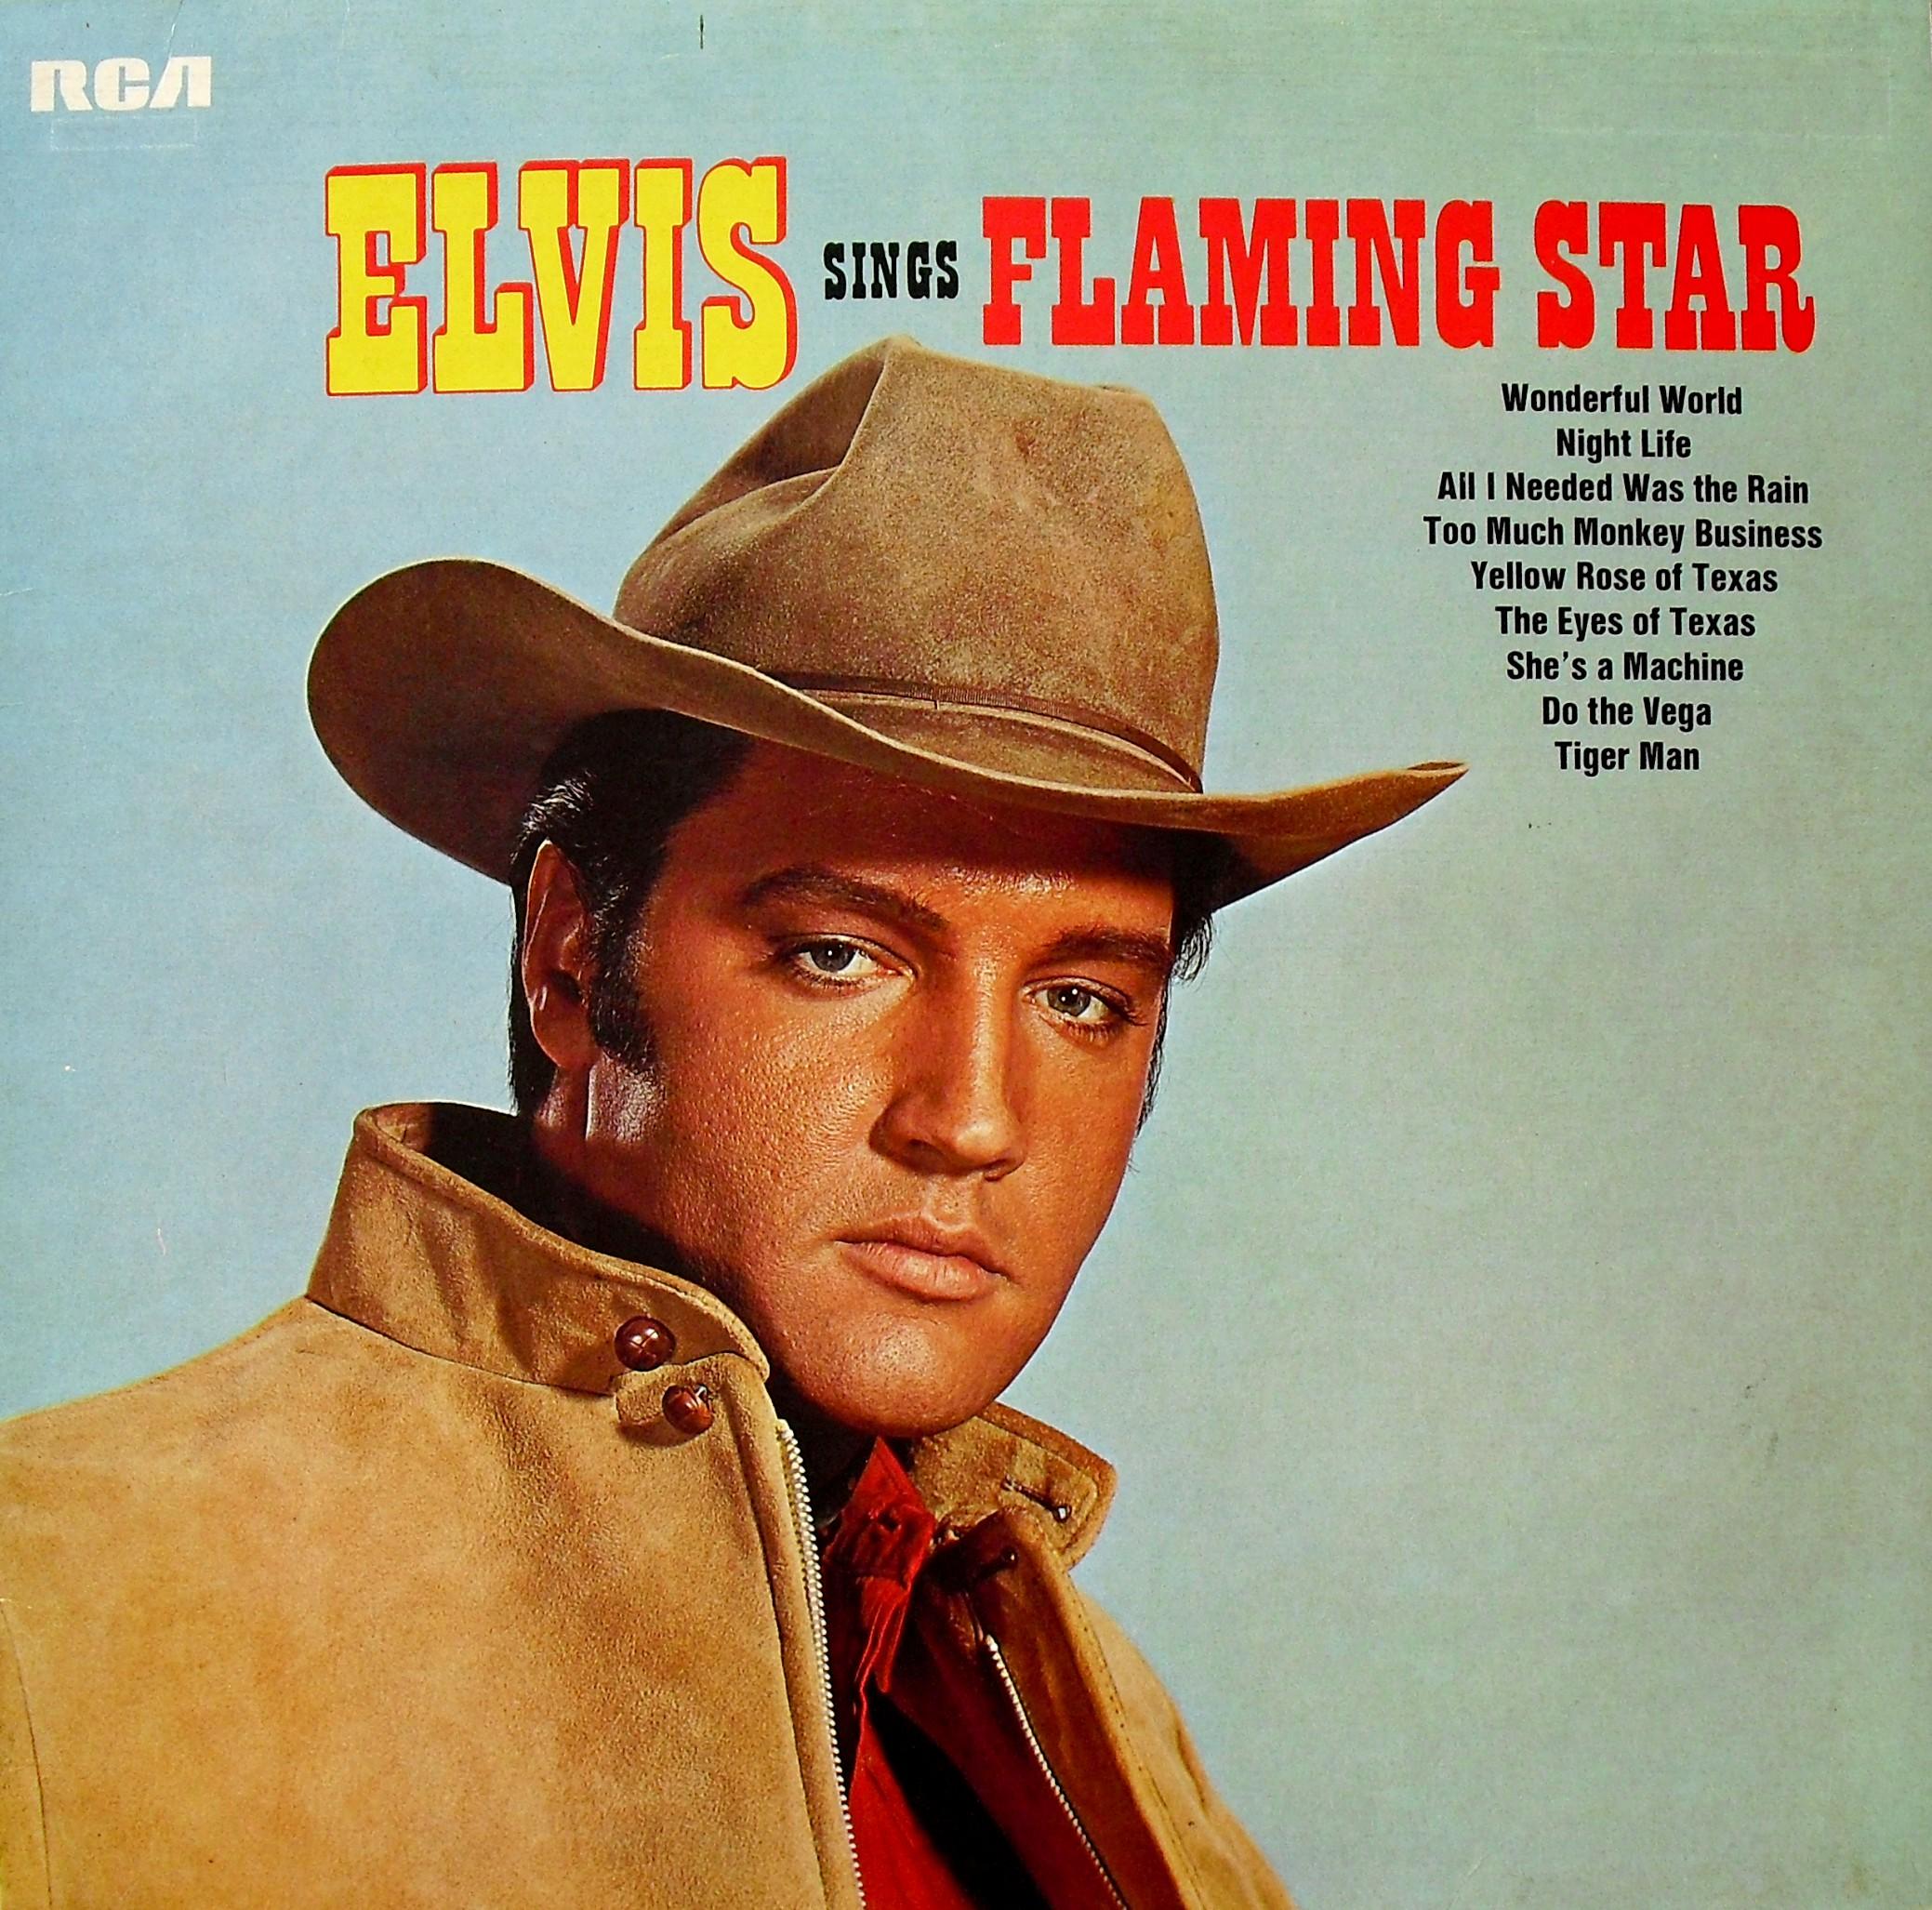 ELVIS SINGS FLAMING STAR 011exum2